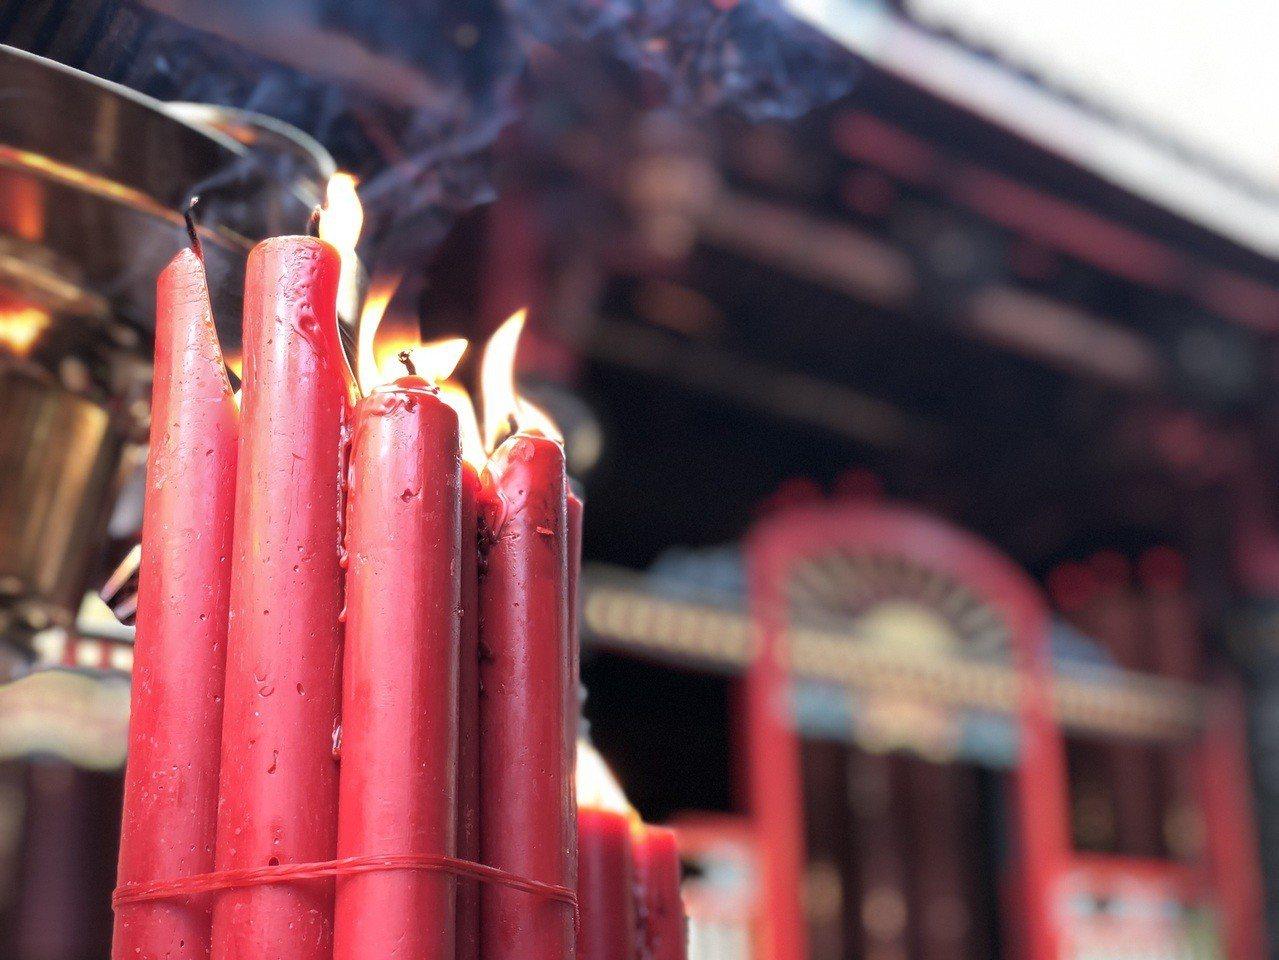 台北艋舺龍山寺將從5月1日起,禁點明火蠟燭,燭火飄搖的盛況將成絕響。記者劉柏均/...